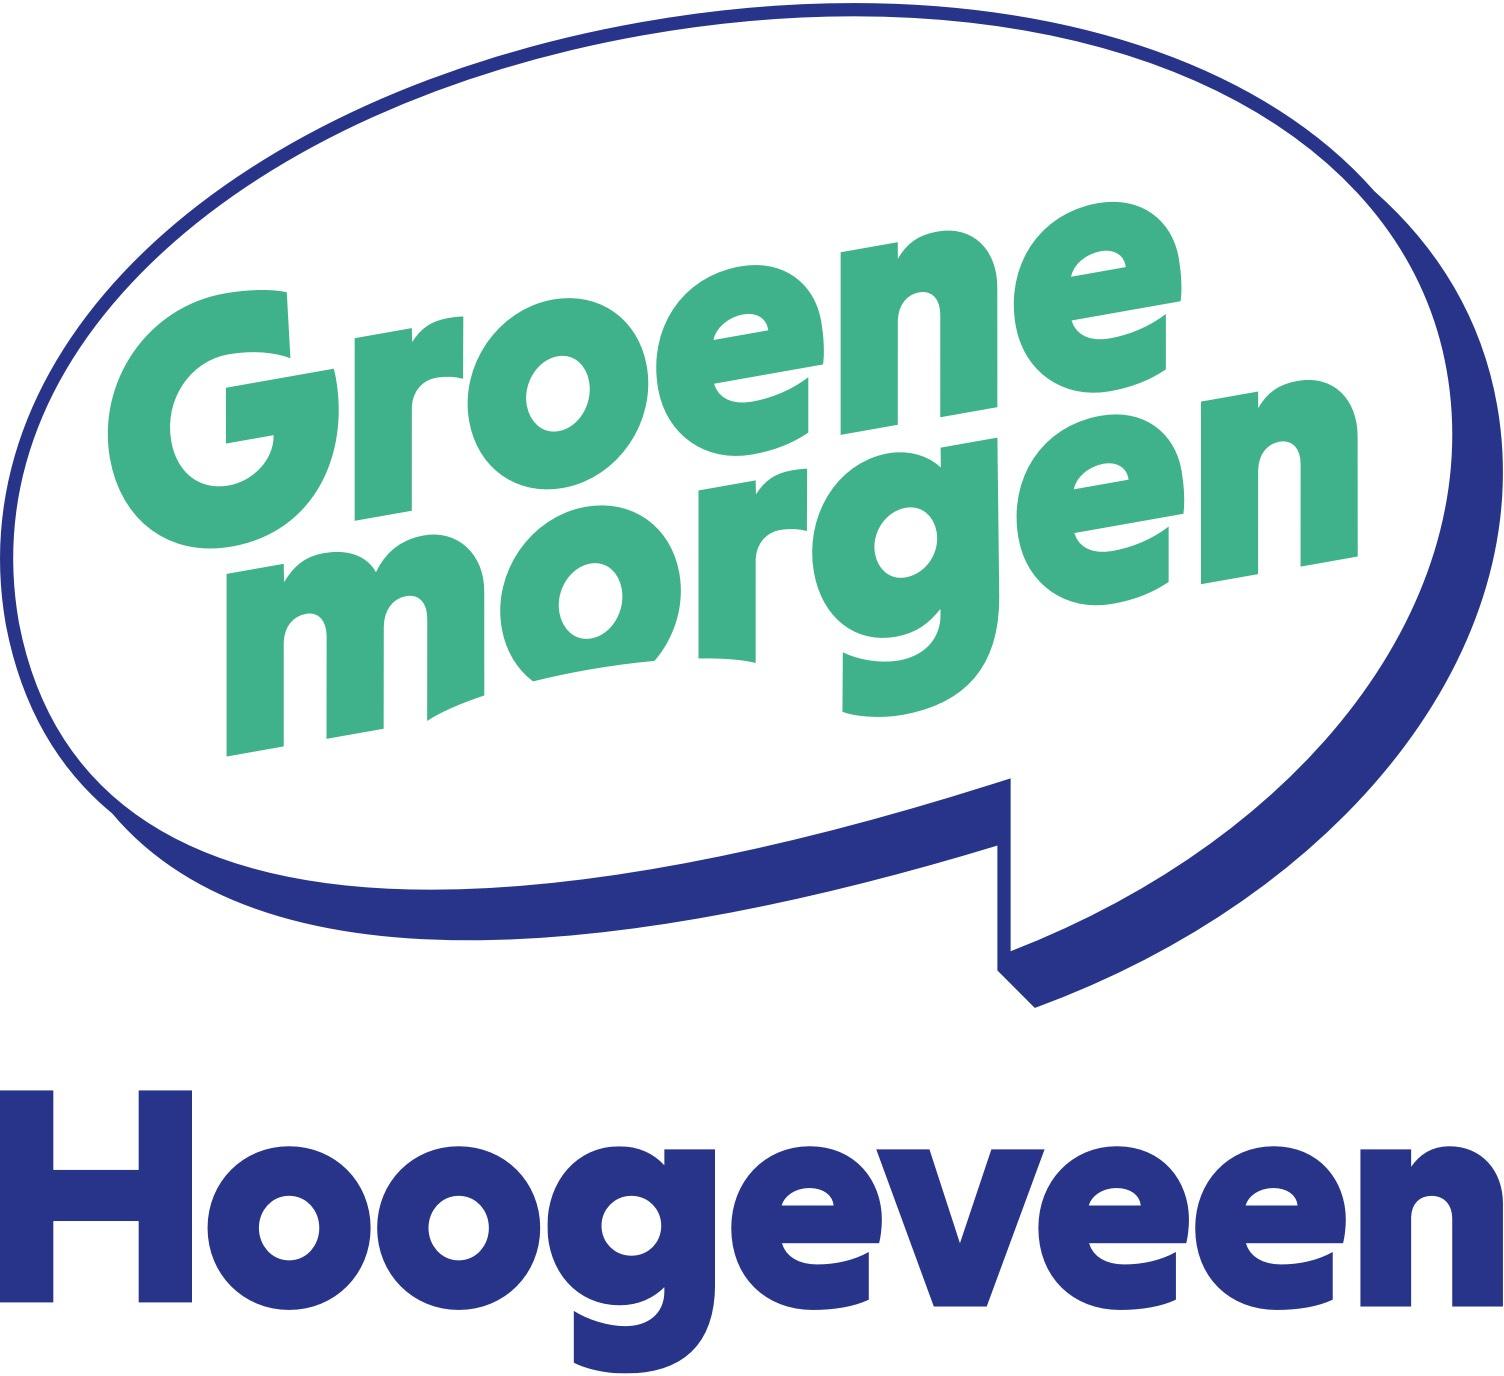 Groenemorgen - Branding